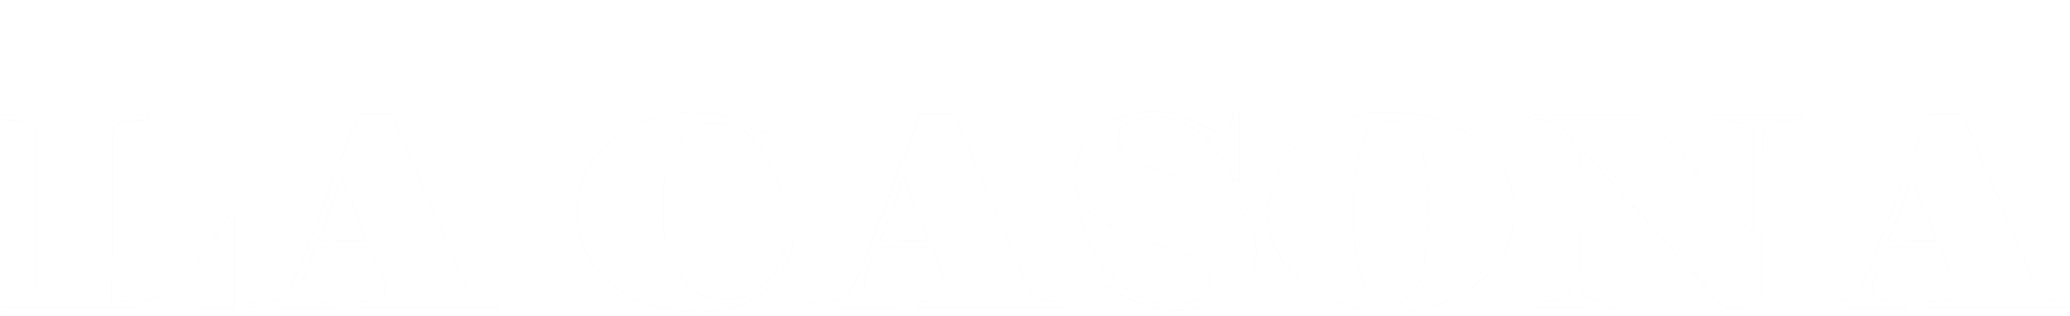 logo_horizontal2